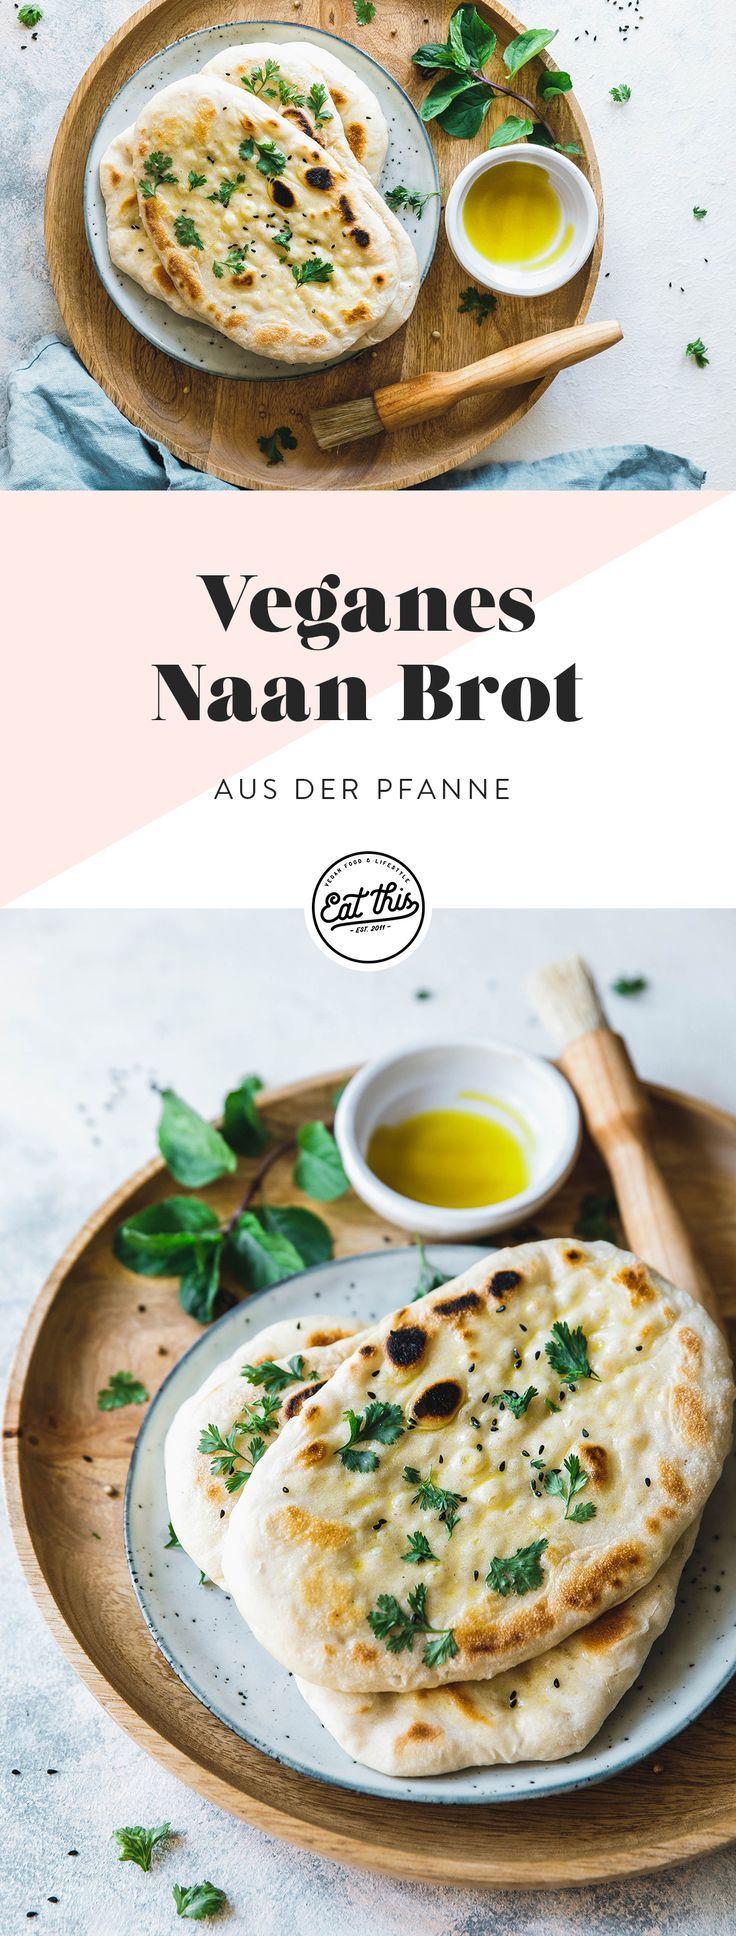 Jeder liebt köstliches Naan-Brot wie sein Lieblingskind, oder? Wir zeigen Ihnen wie …   – vegane Rezepte